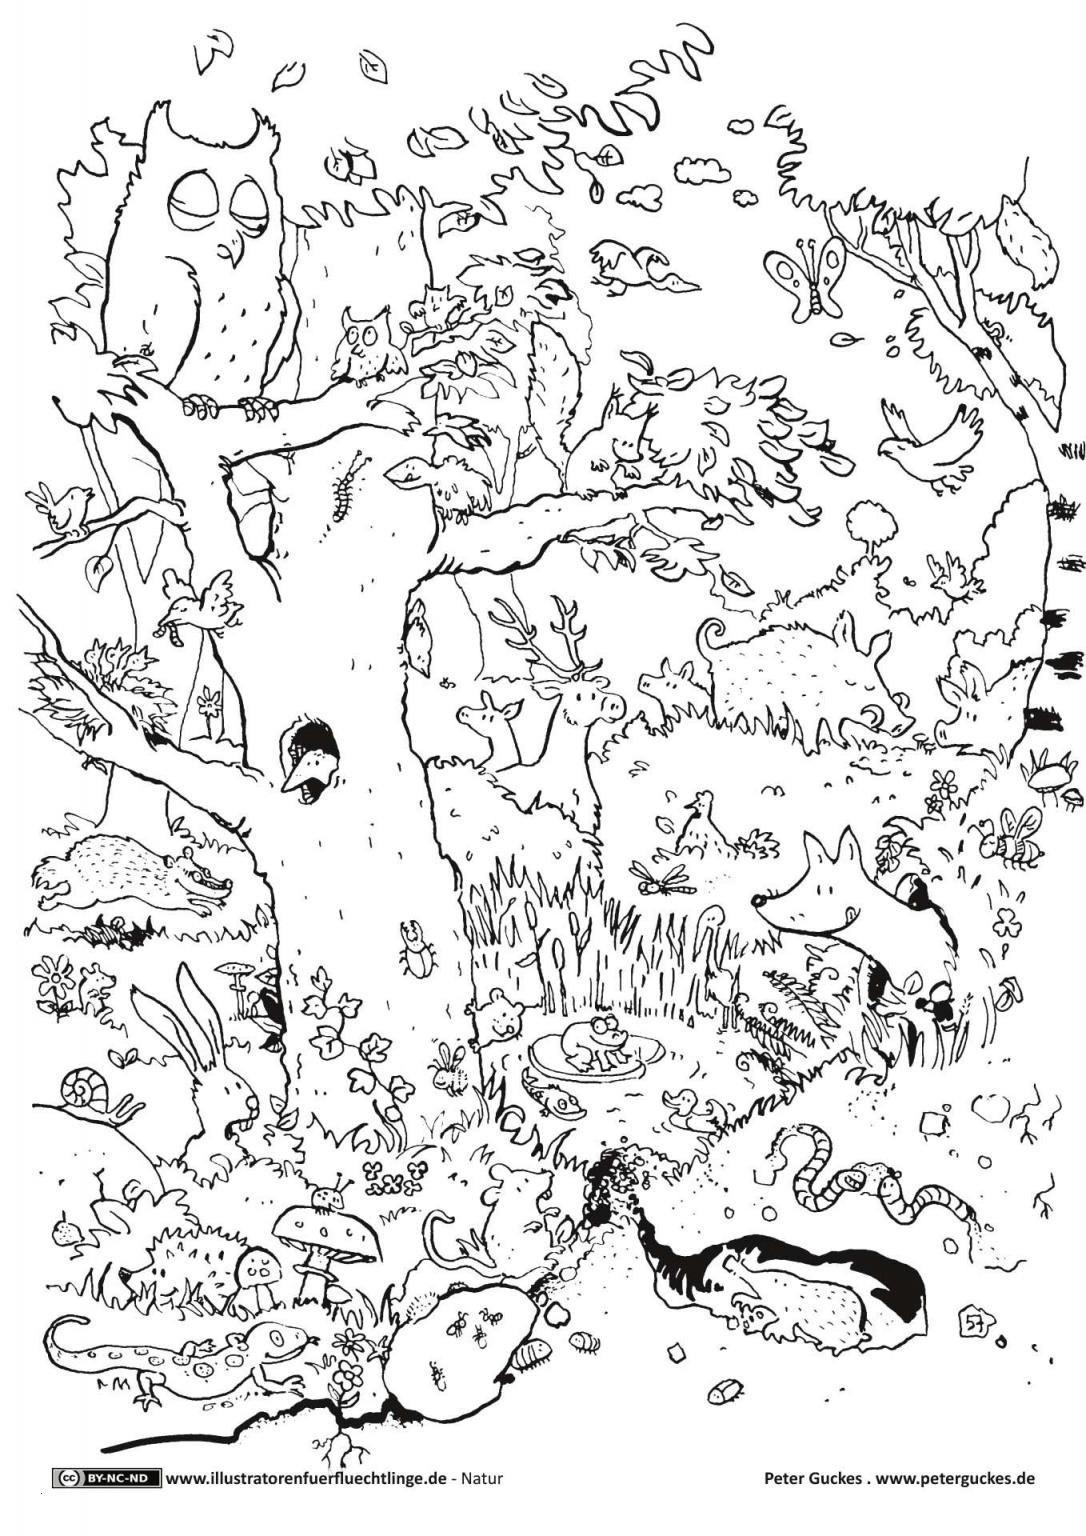 Ausmalbilder thema Wald Das Beste Von 45 Luxus Wald Ausmalbilder Beste Malvorlage Galerie